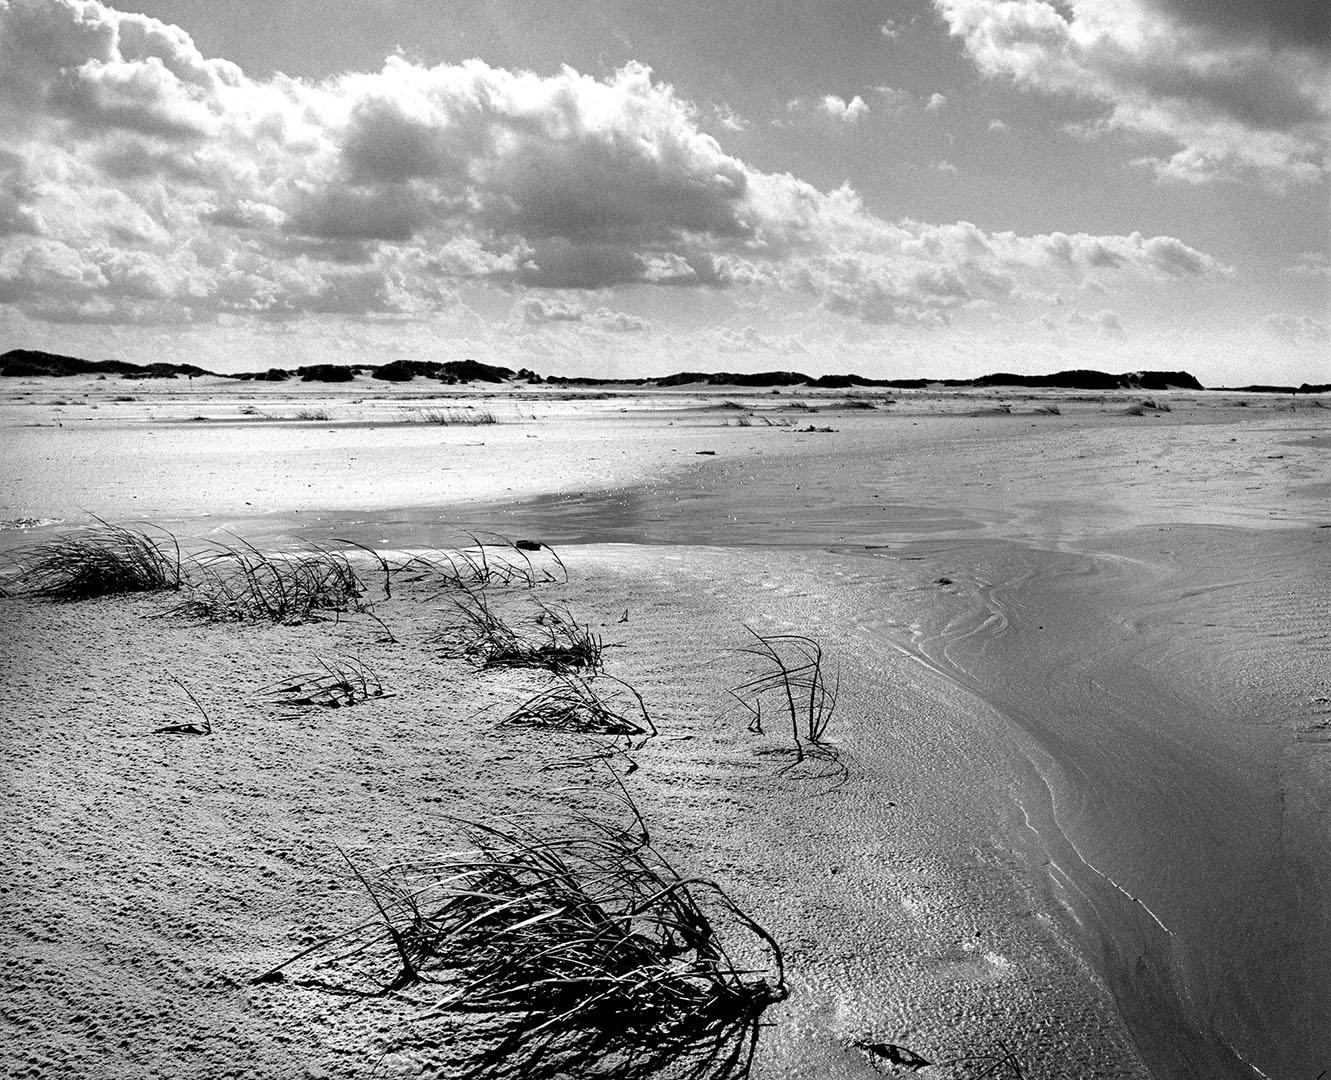 North_Sea_Country_044_L4.22